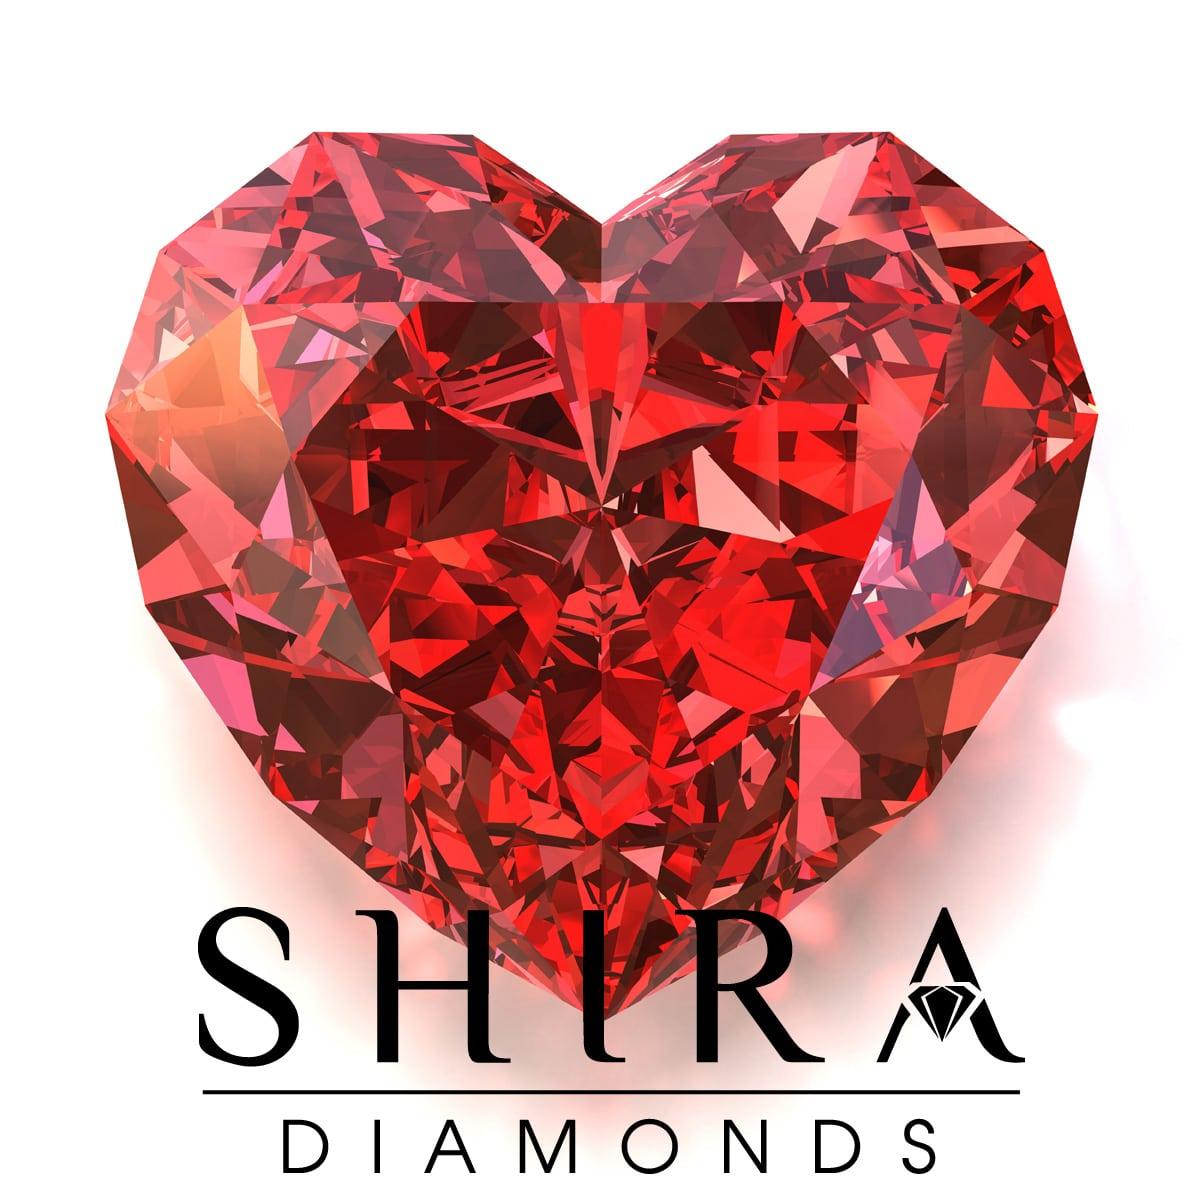 Diamond Hearts Dallas Shira Diamonds 1 1, Shira Diamonds